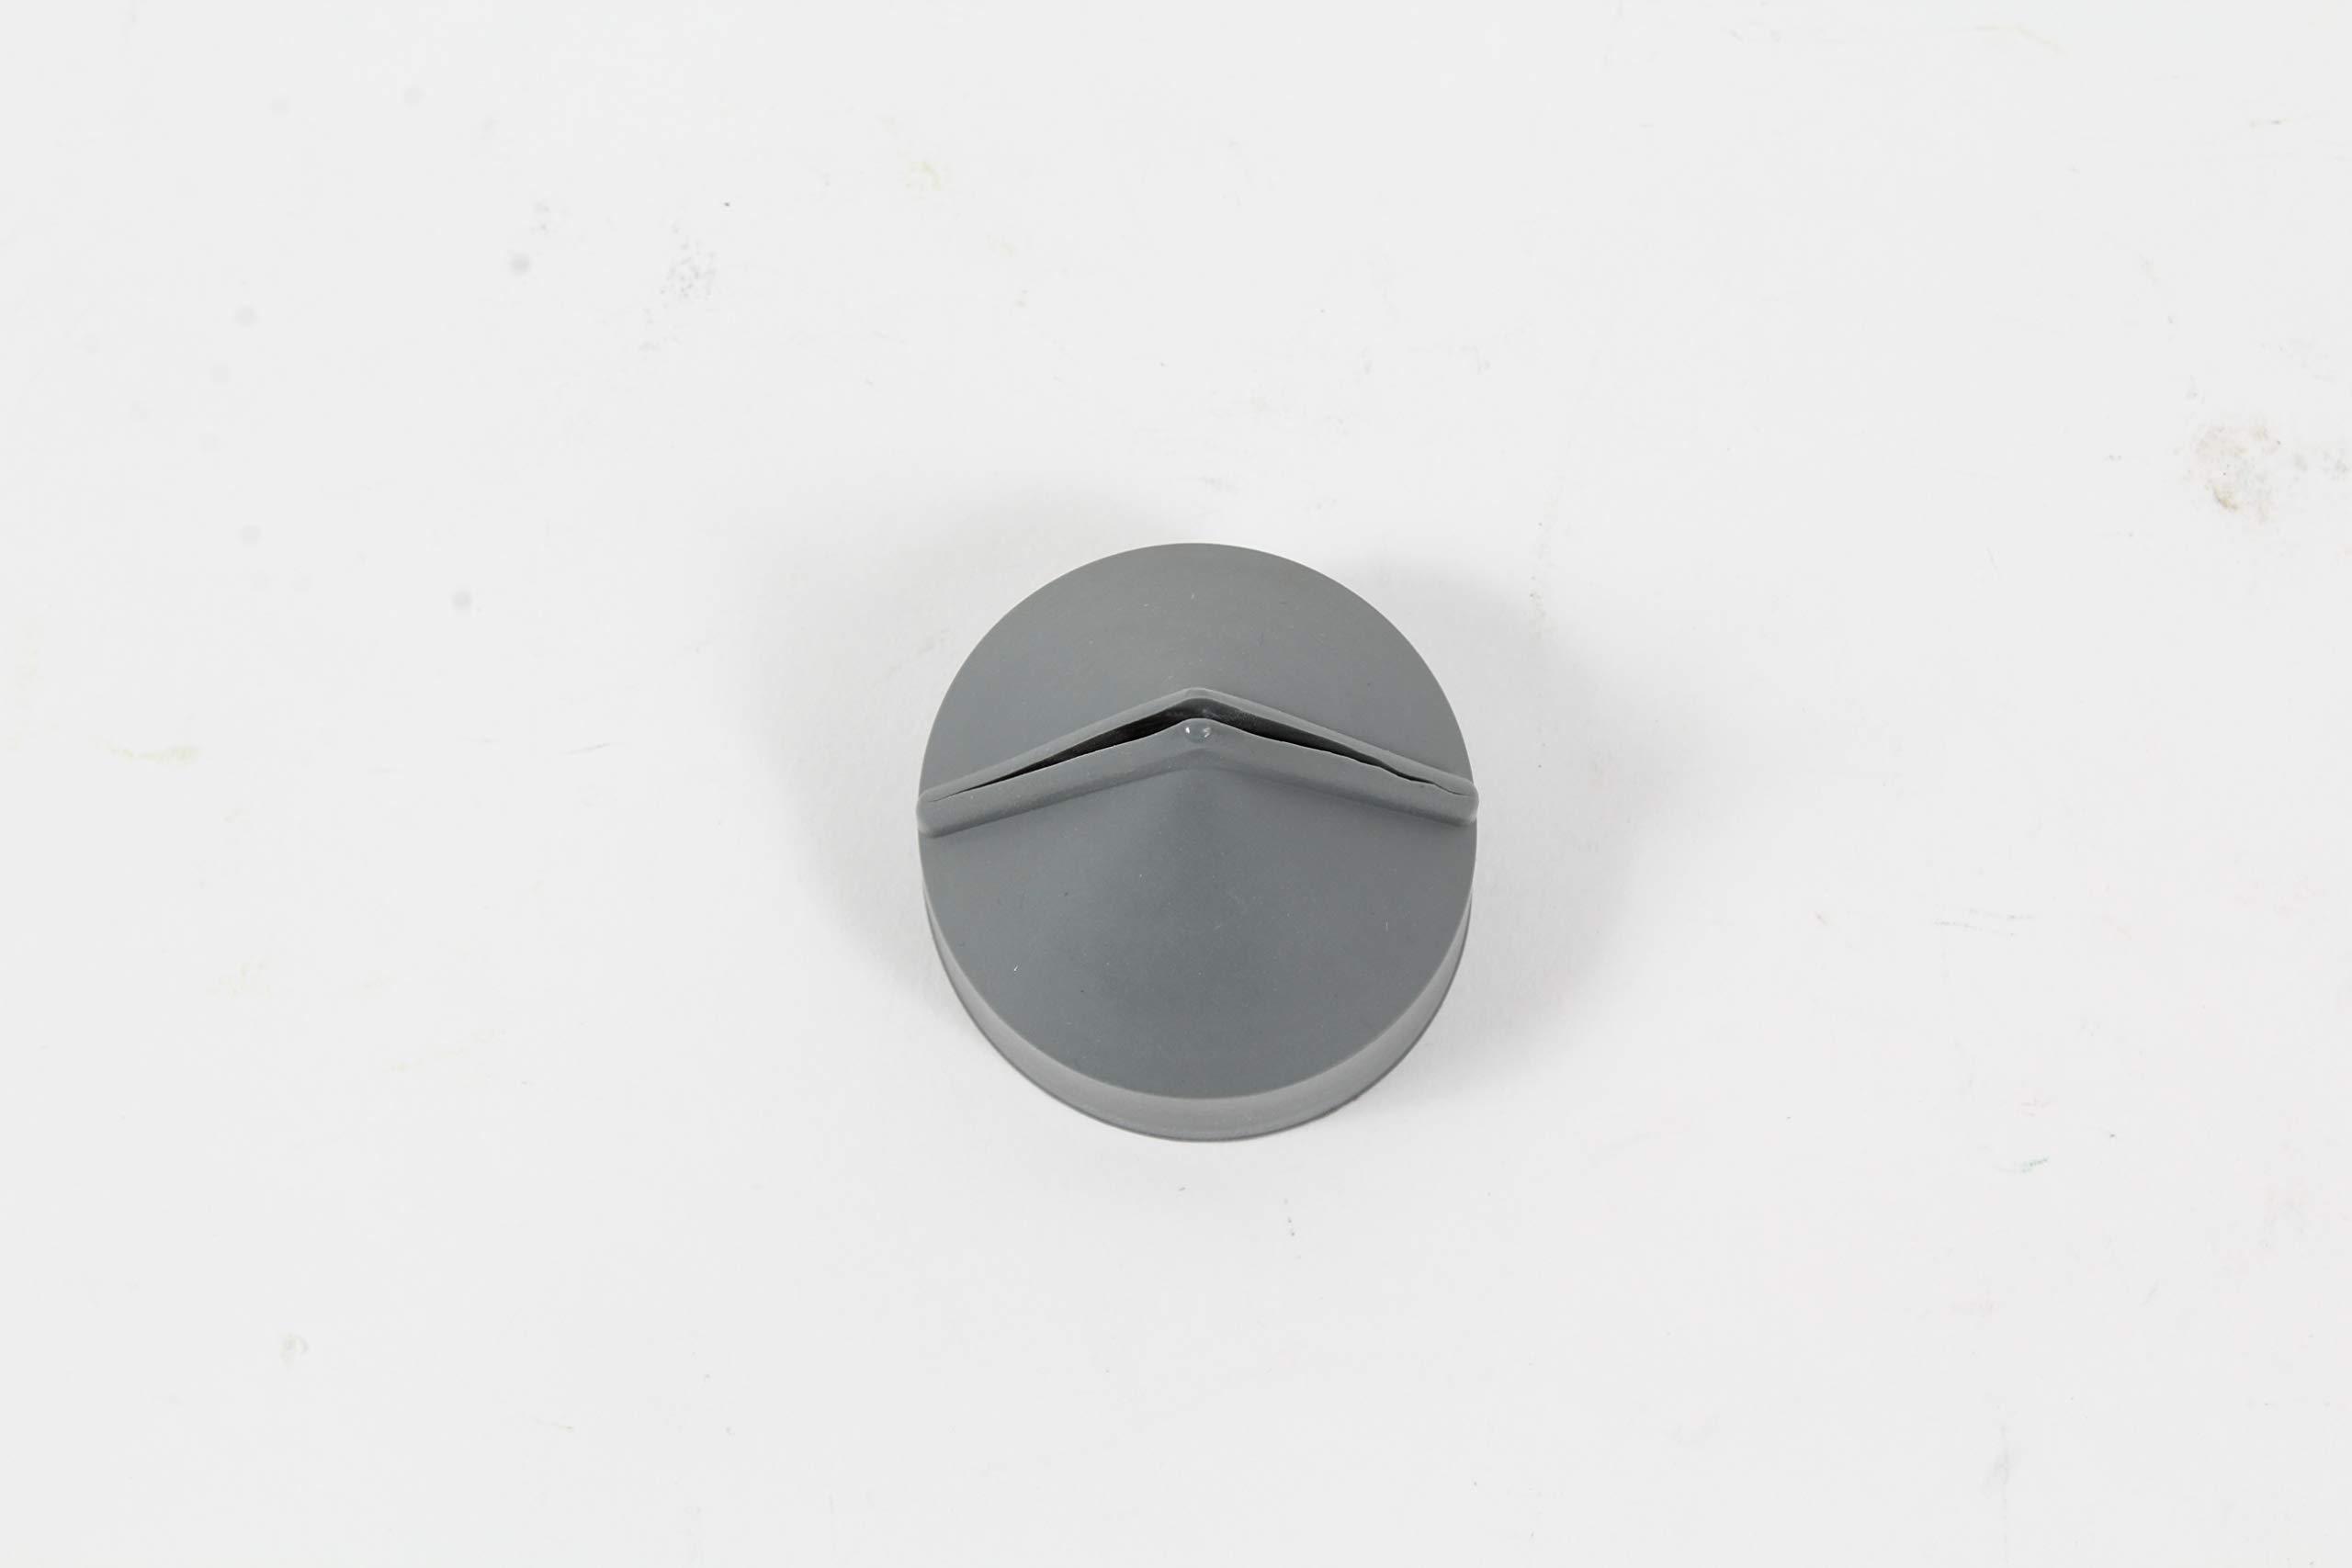 Kohler 24 462 07-S Dust Ejector Valve  by Kohler